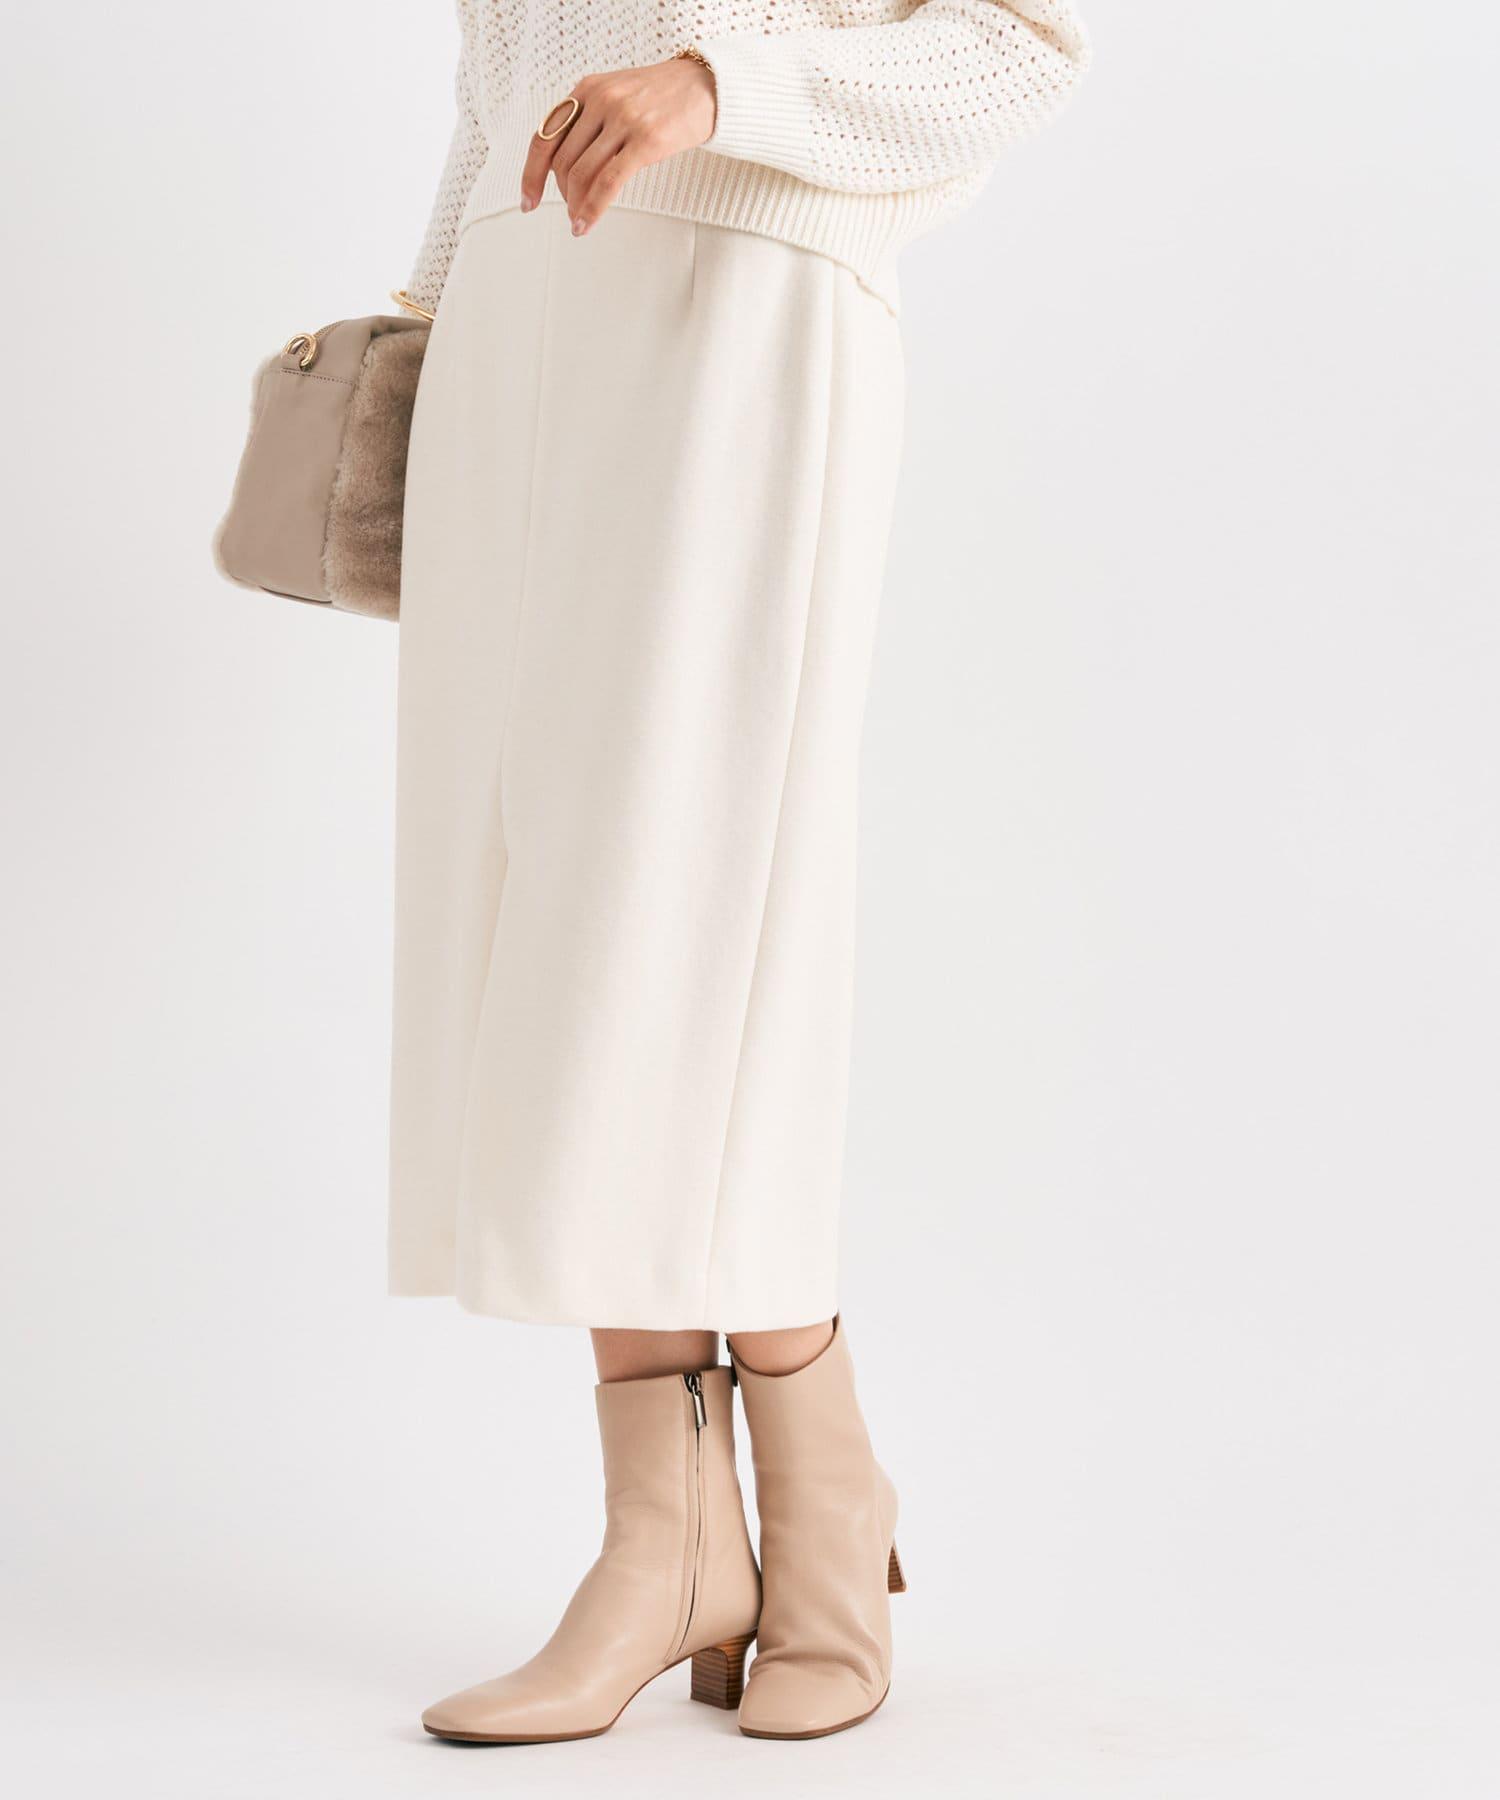 La boutique BonBon(ラブティックボンボン) 《予約》【セットアップ可・ラクにきれい見え】ウォッシャブルジャージナロースカート